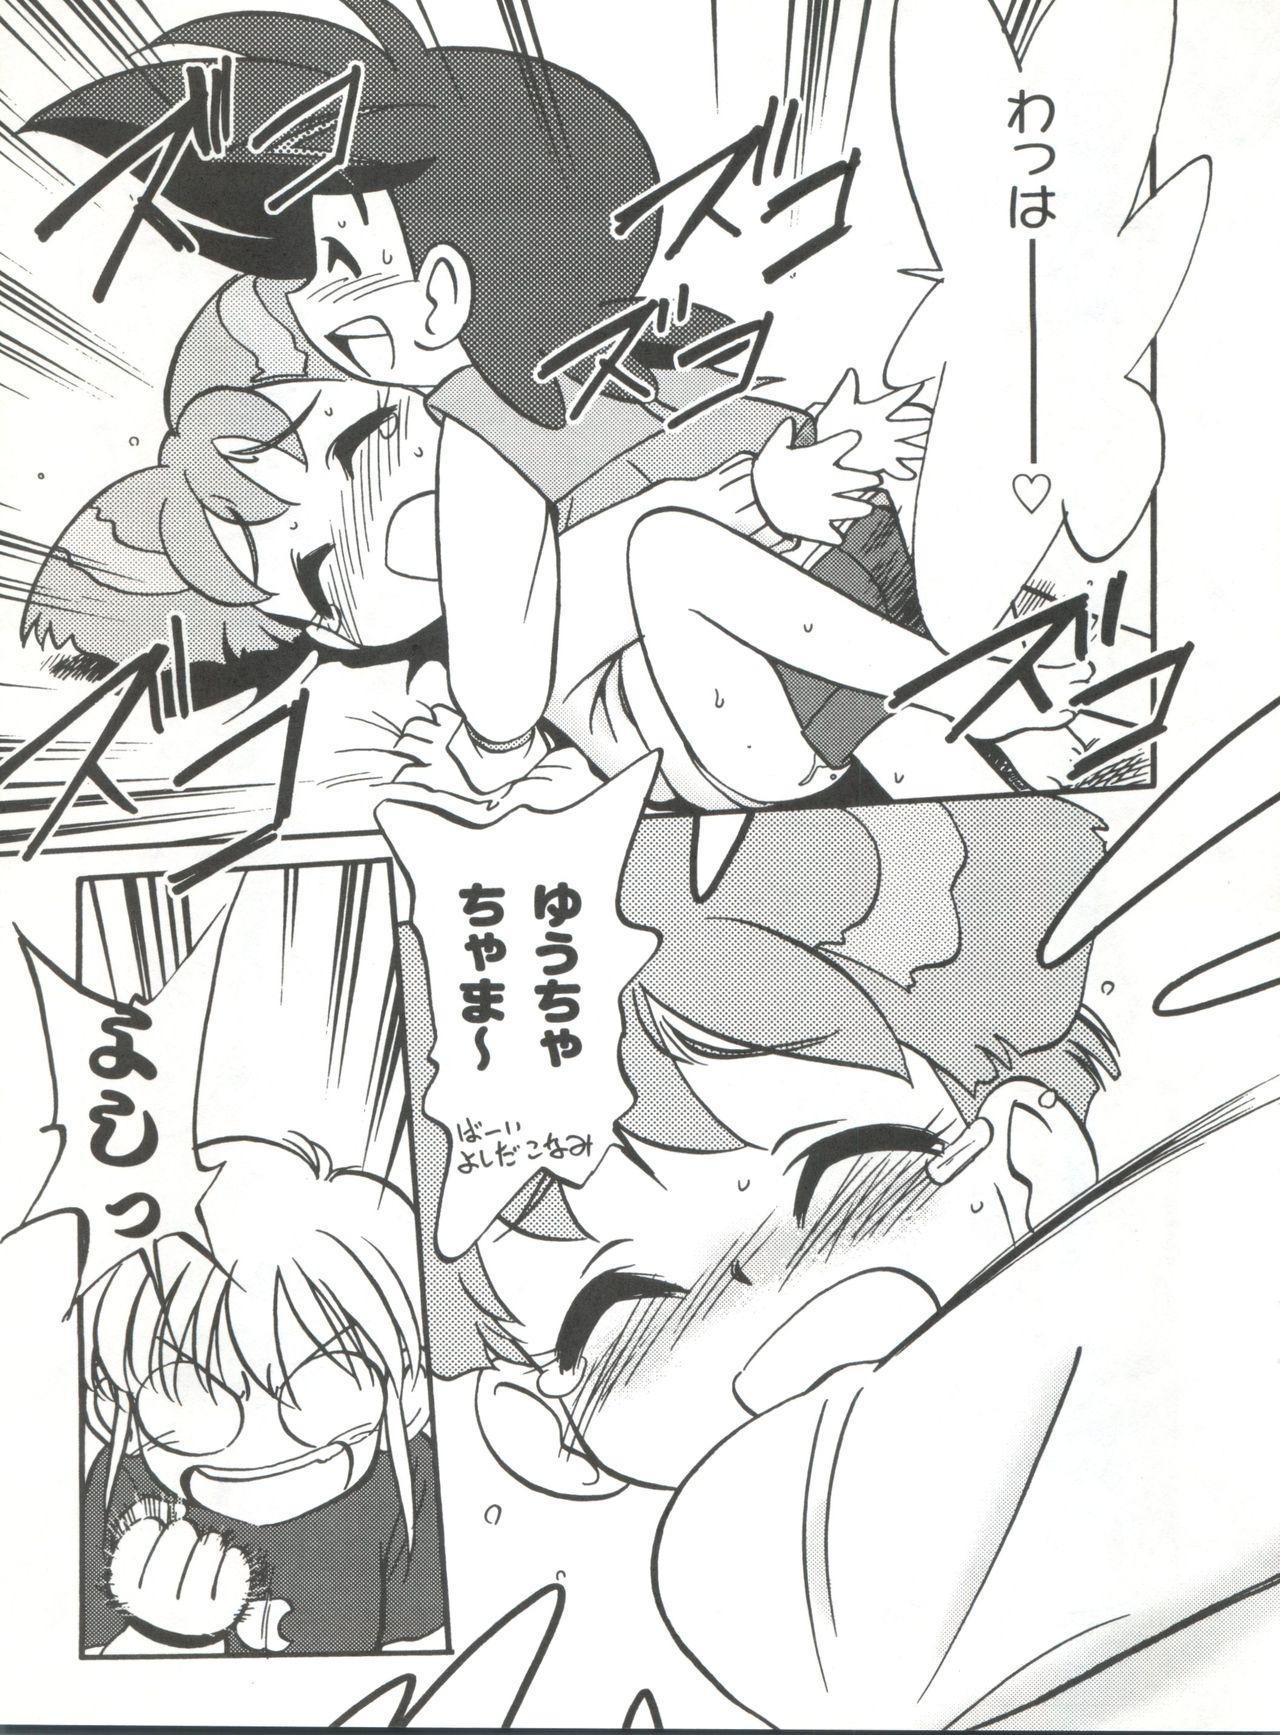 Mahou no Okusuri 25